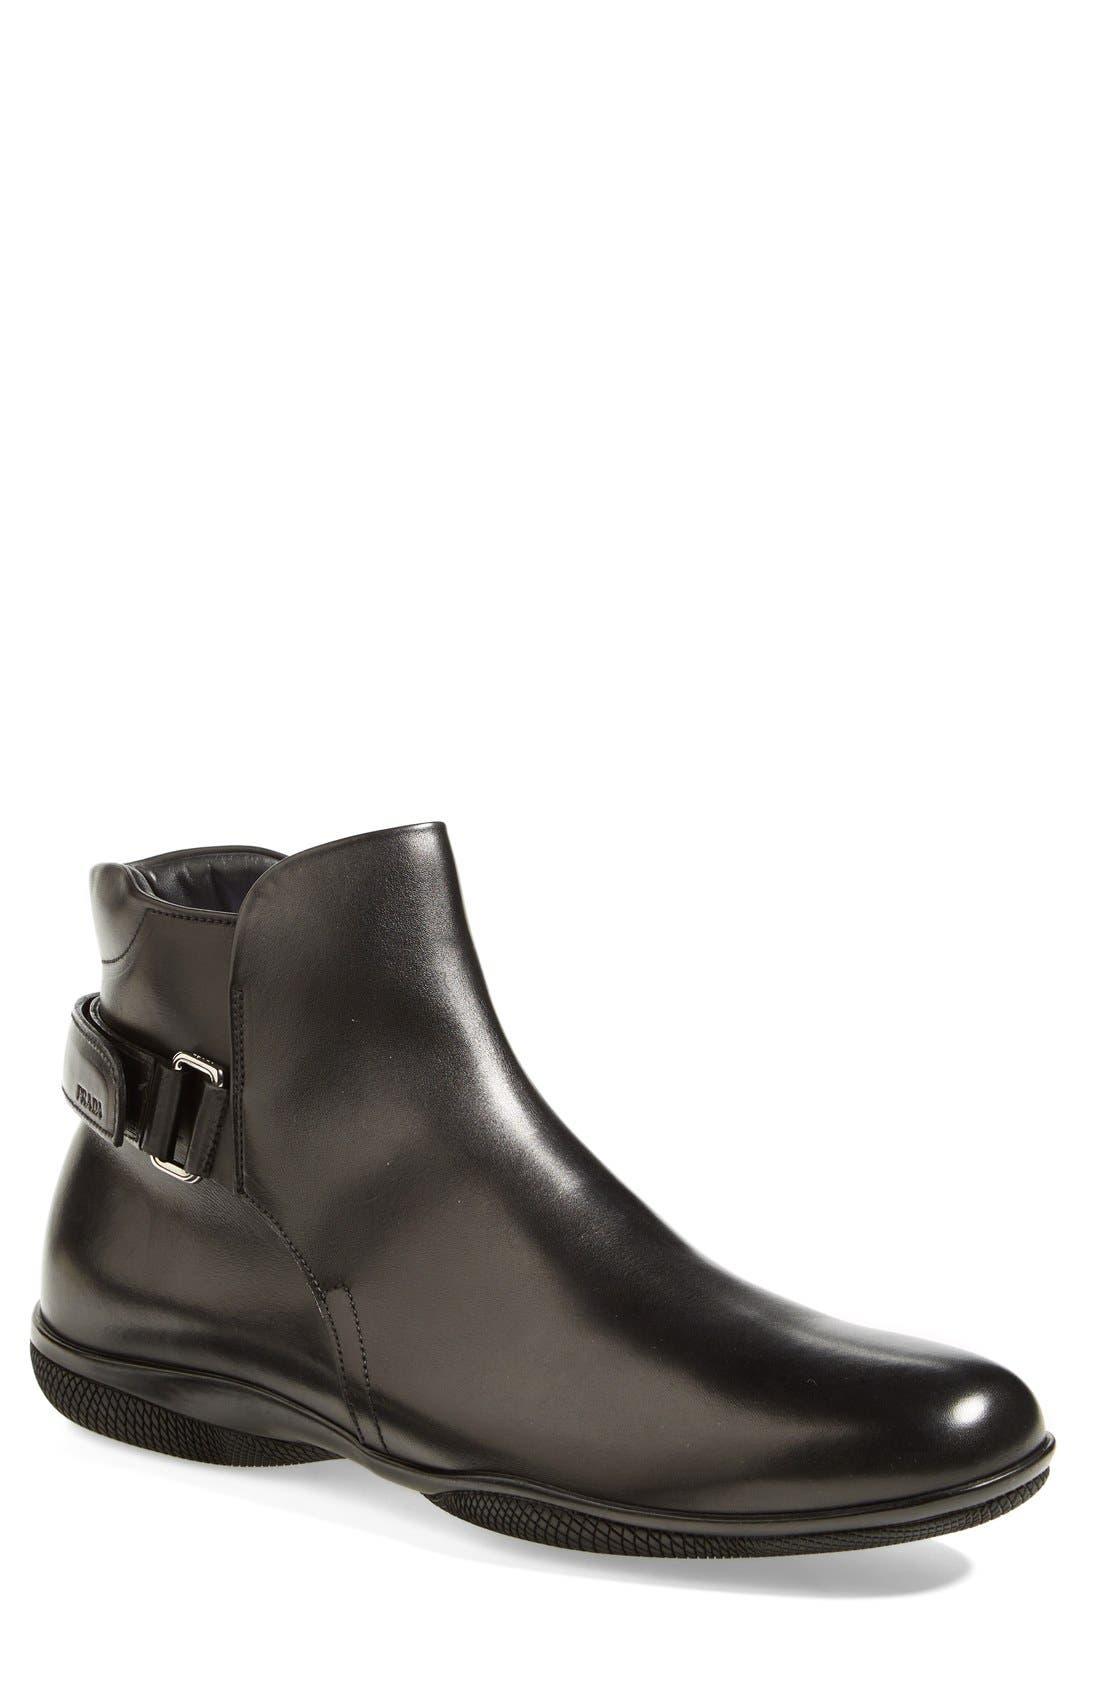 Alternate Image 1 Selected - Prada 'Toblak' Plain Toe Boot (Men)